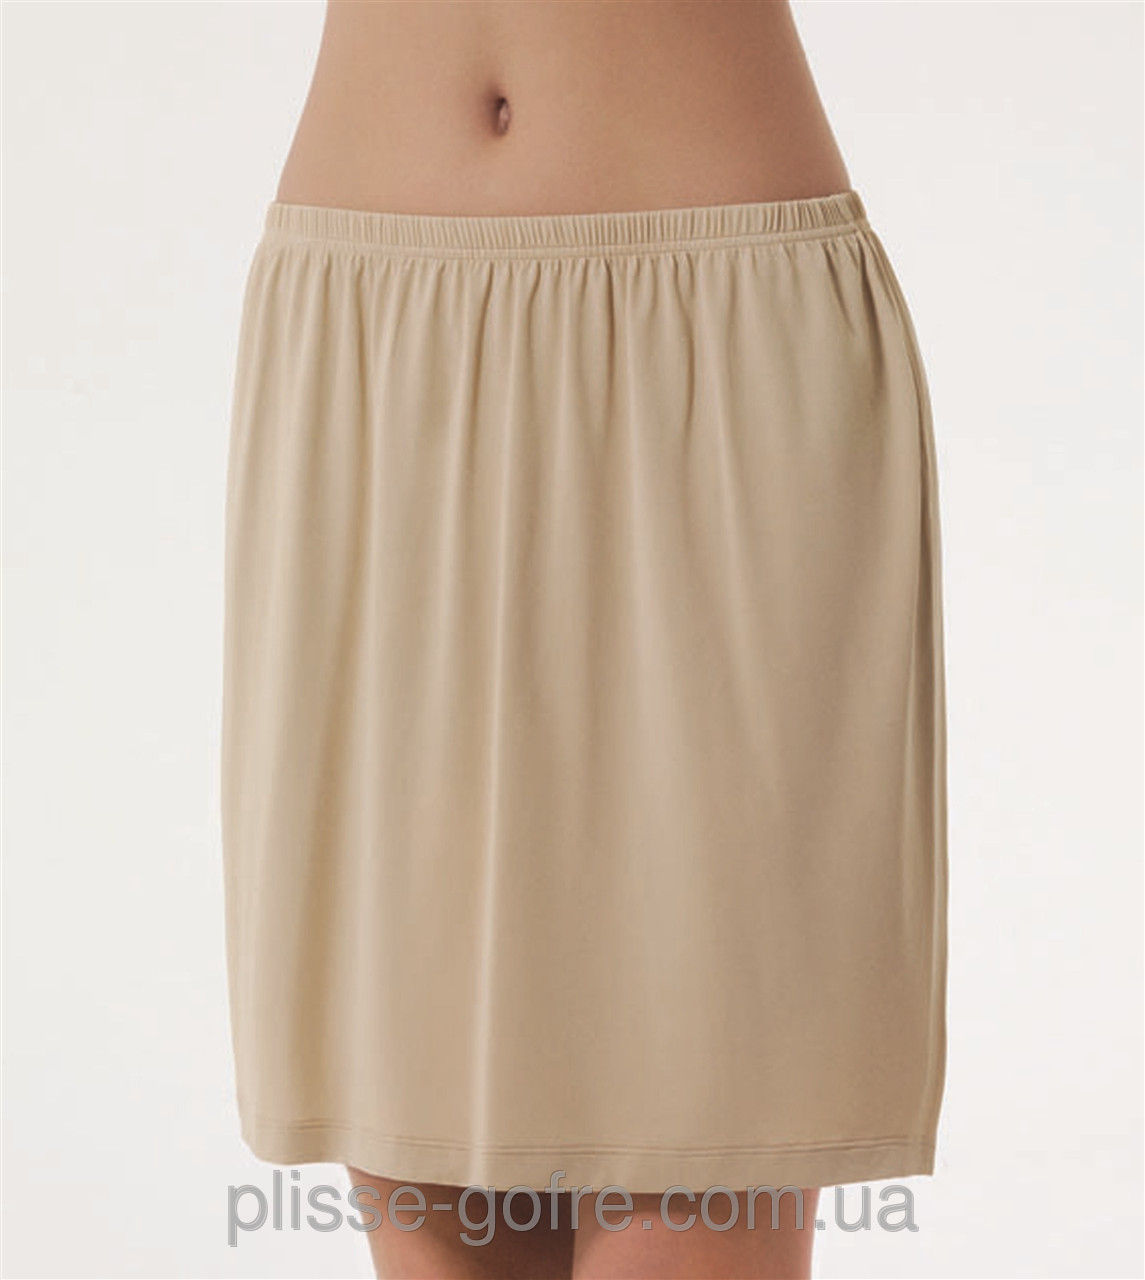 Как сшить нижнюю юбку прямую